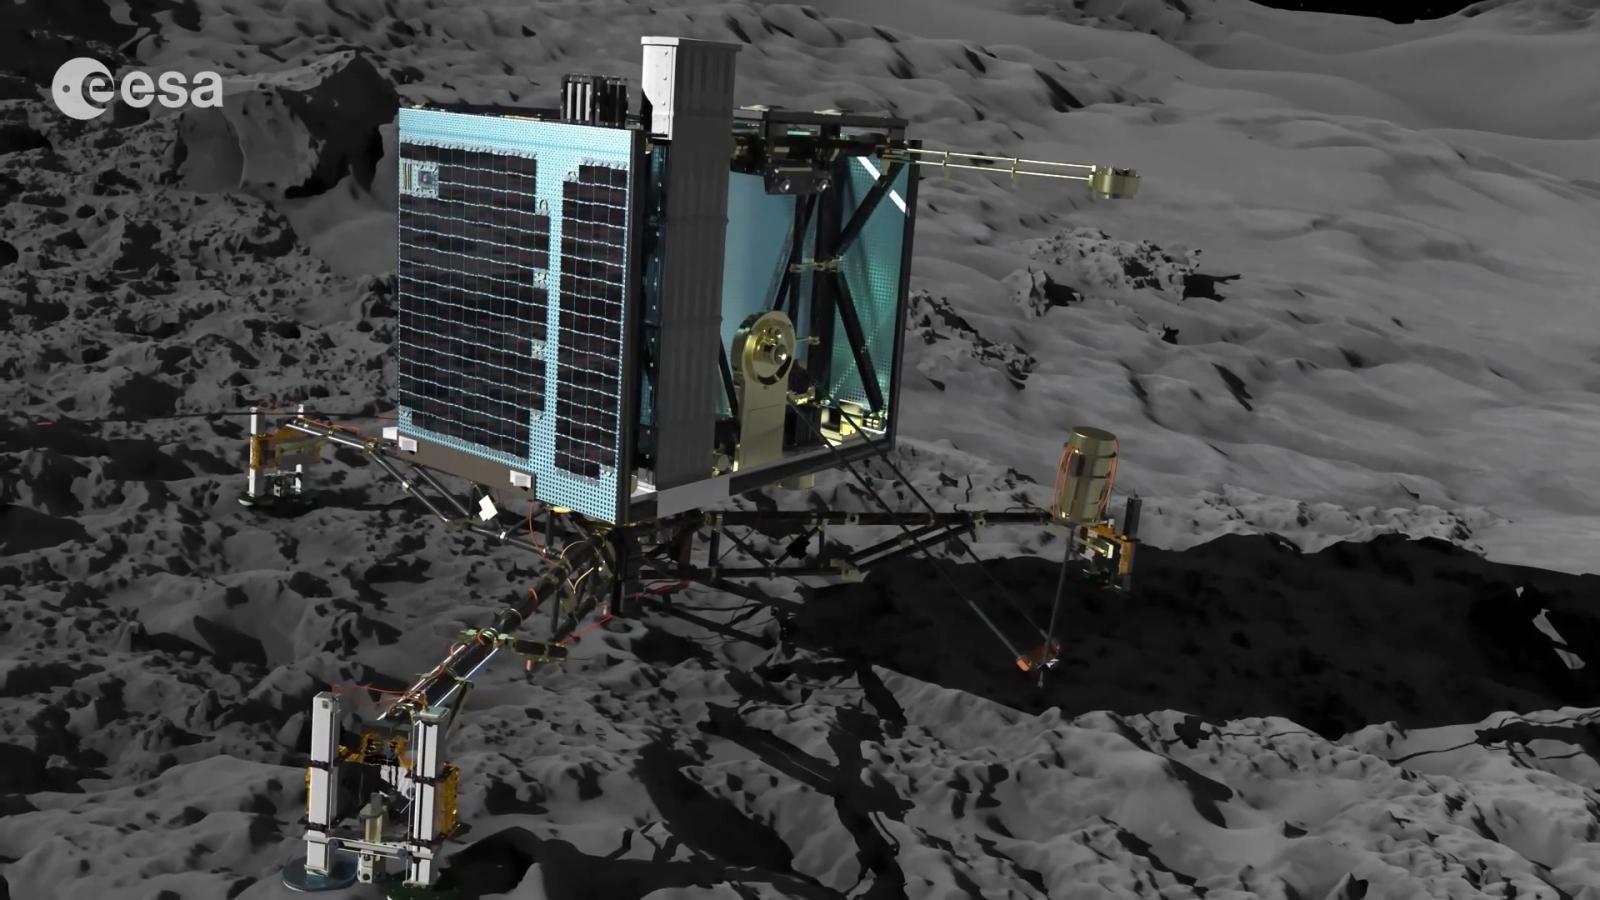 How Rosetta Spacecraft Will Attempt Comet Landing